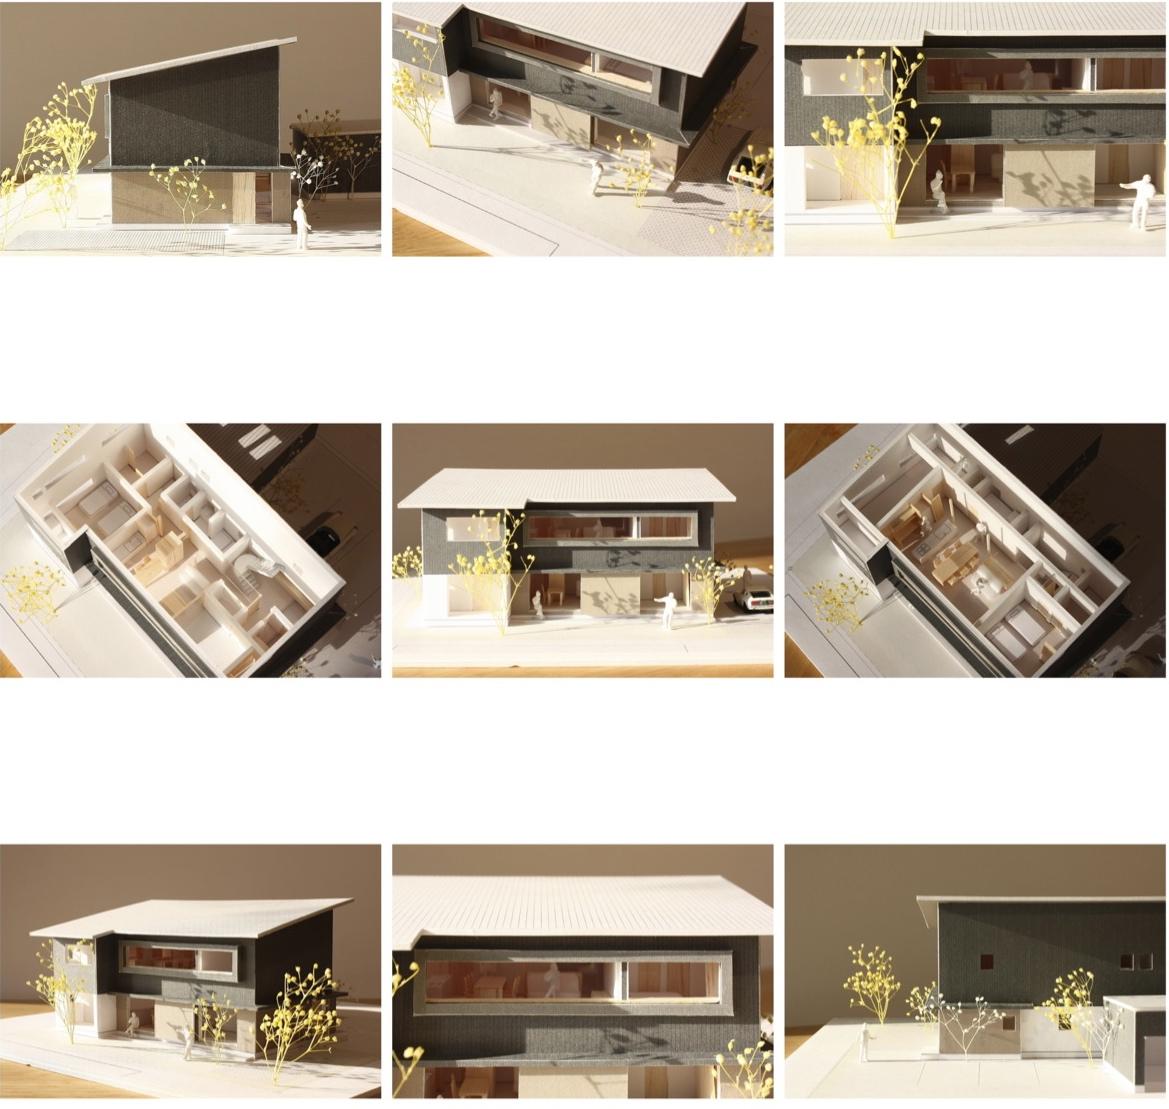 新しいプロジェクトのご紹介です。H-house!_f0165030_7593977.jpg